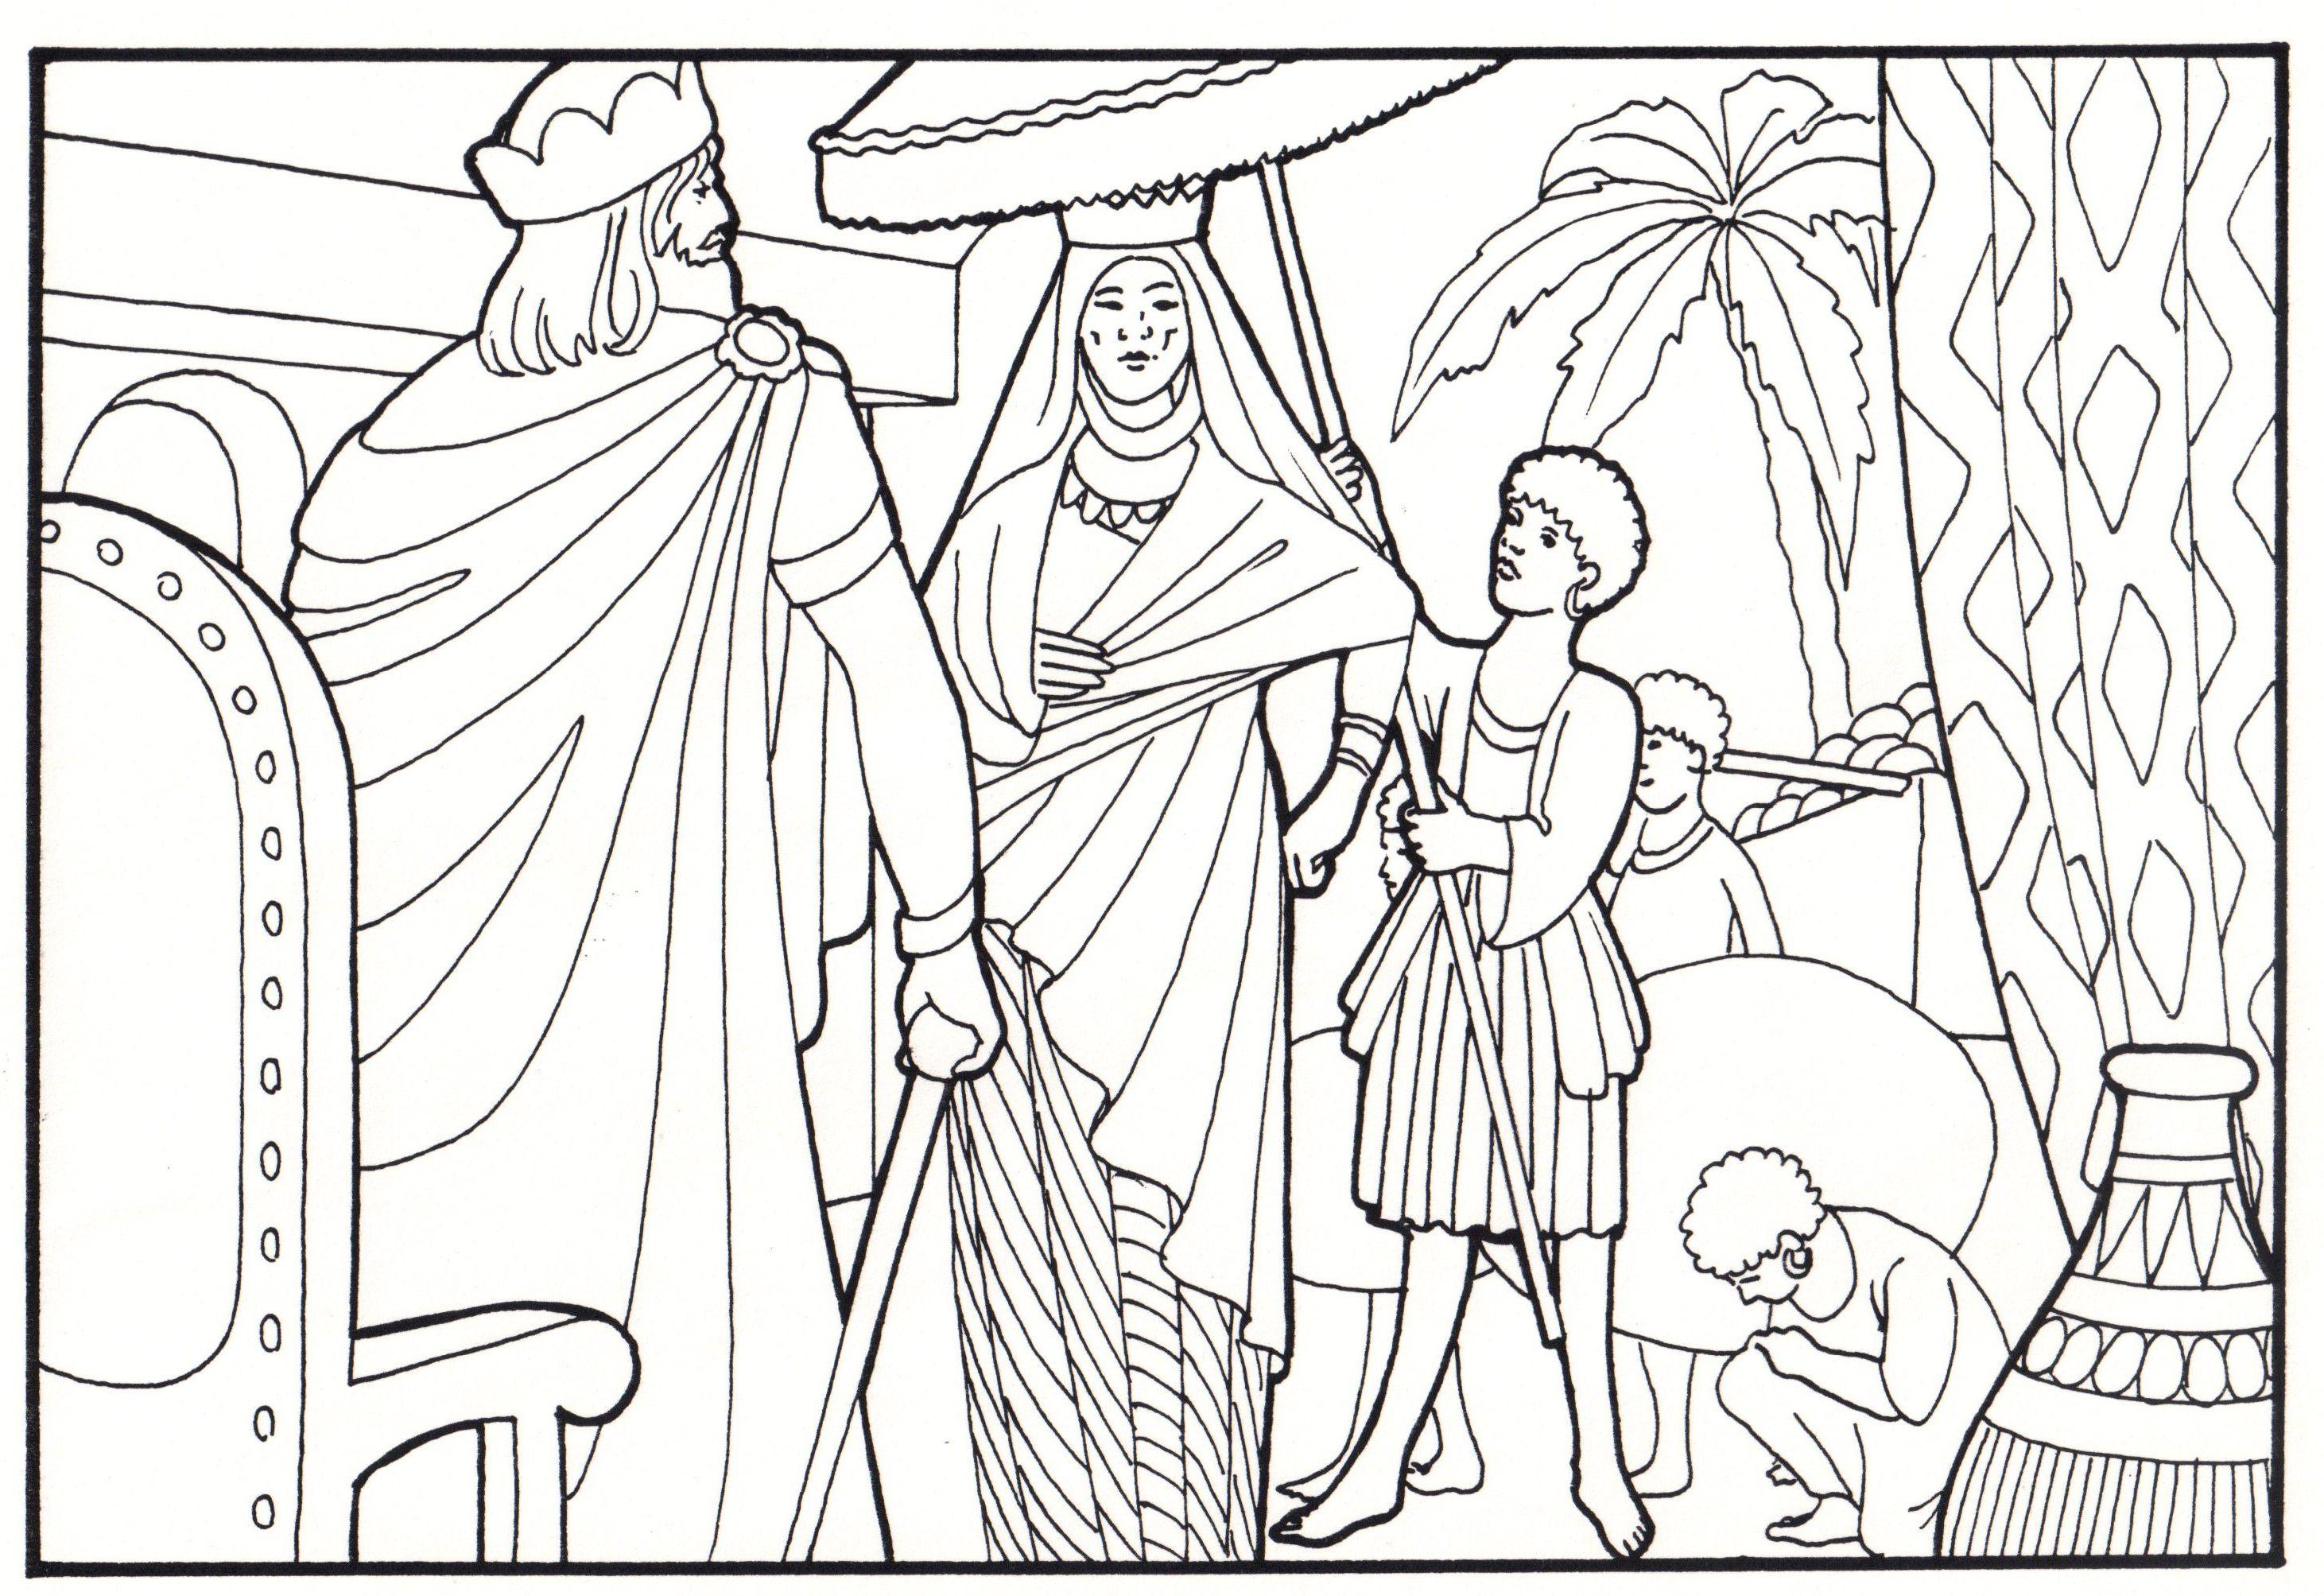 Pin By Cris Sousa On Bible Craft Ot Kings Bible Coloring Pages Bible Coloring Bible Pictures